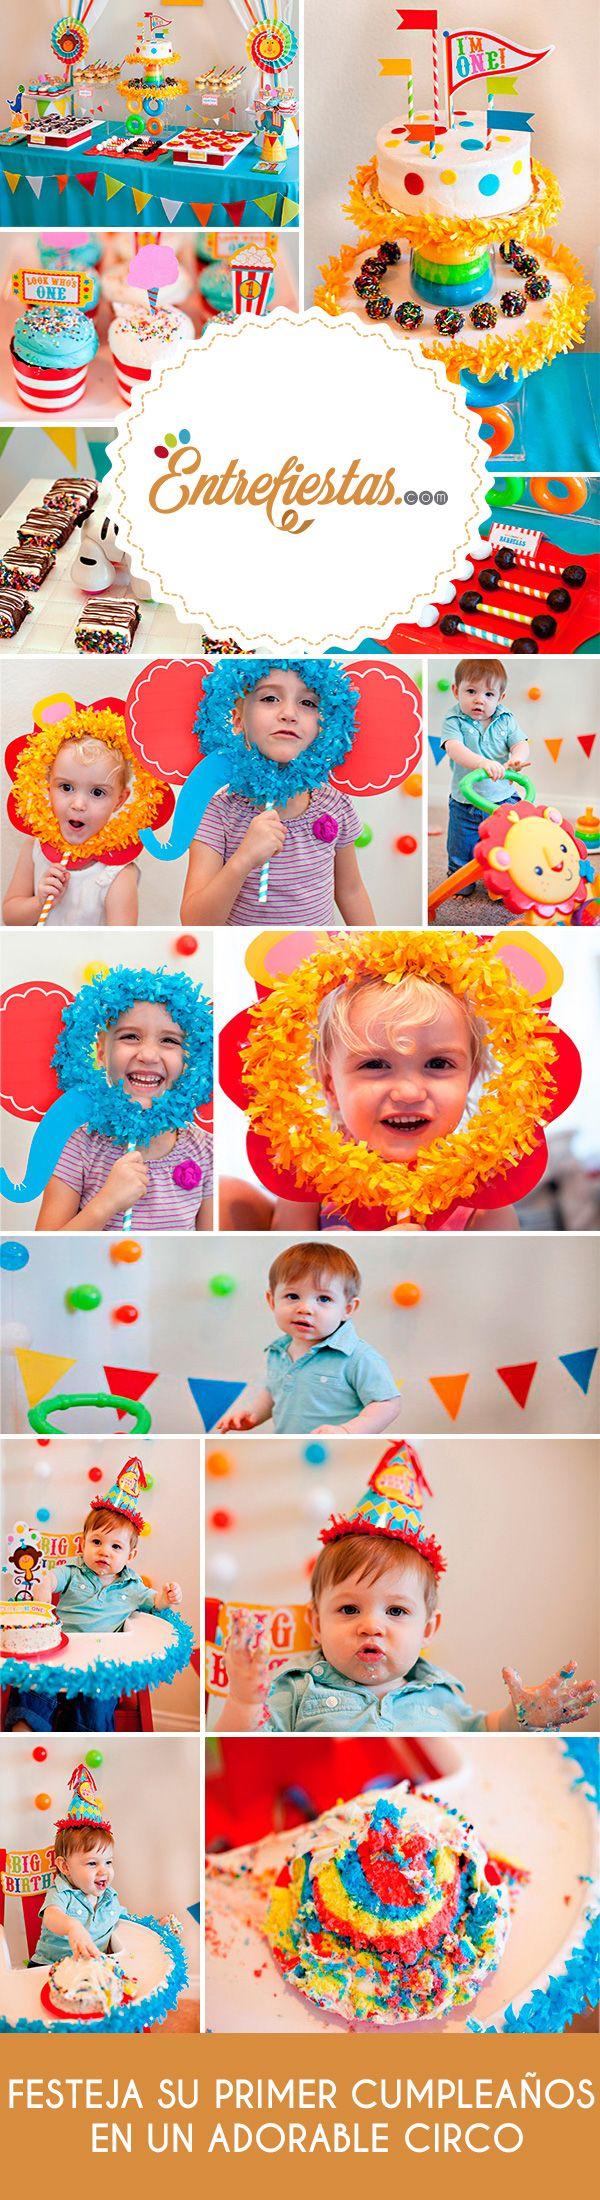 Tu hermoso bebé está creciendo y ya se acerca su primer cumpleaños, sería estupendo que su fiesta fuera tierna y divertida ¿qué te parece un circo con adorables animales? Es una idea genial y fácil de lograr, a continuación te ofrecemos algunas ideas para que pongas a volar tu imaginación.